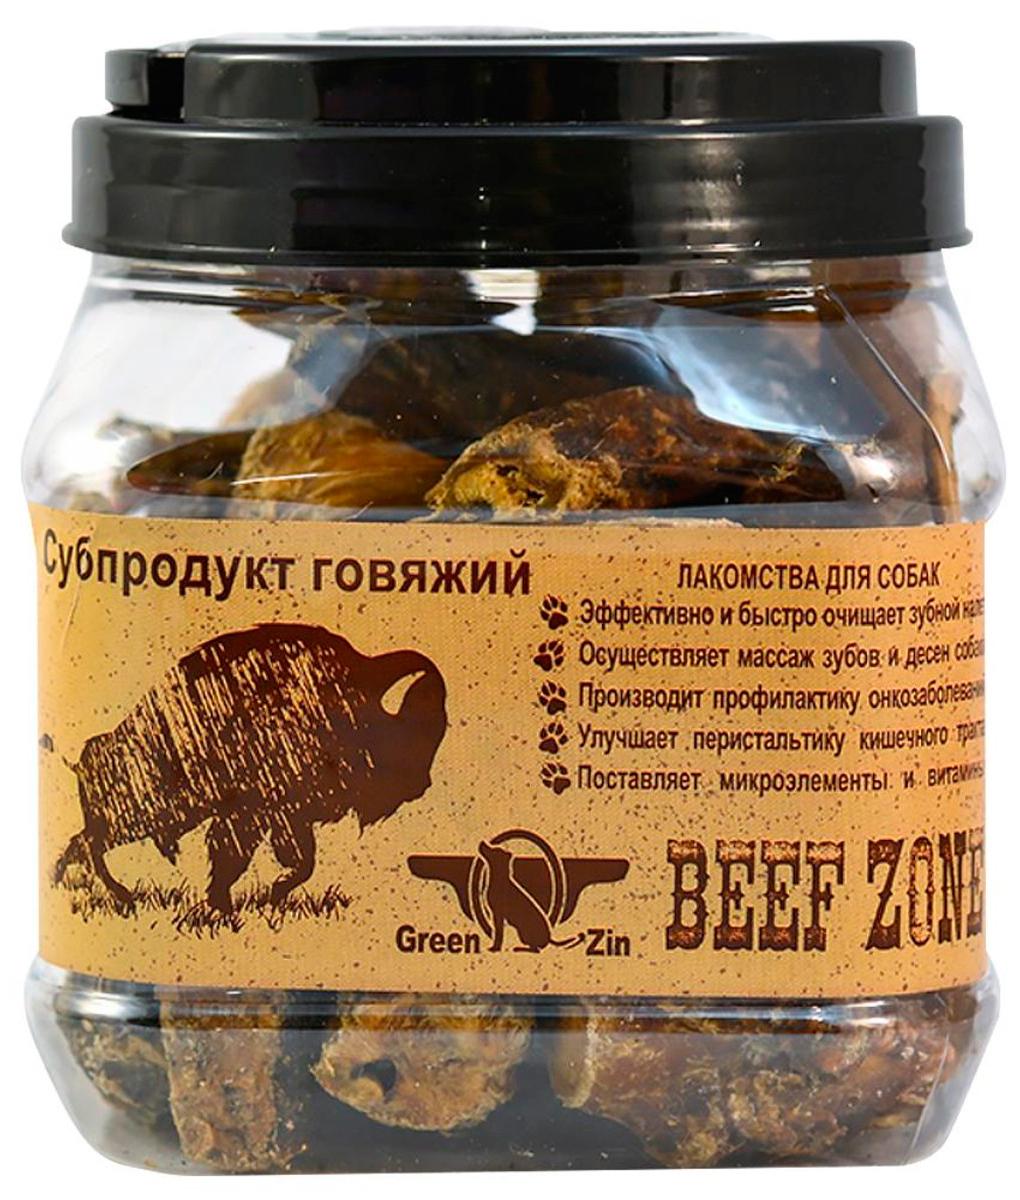 Лакомство Green Qzin Beef Zone для собак всех пород пенис бычий сушеный малый 600 гр (1 шт)